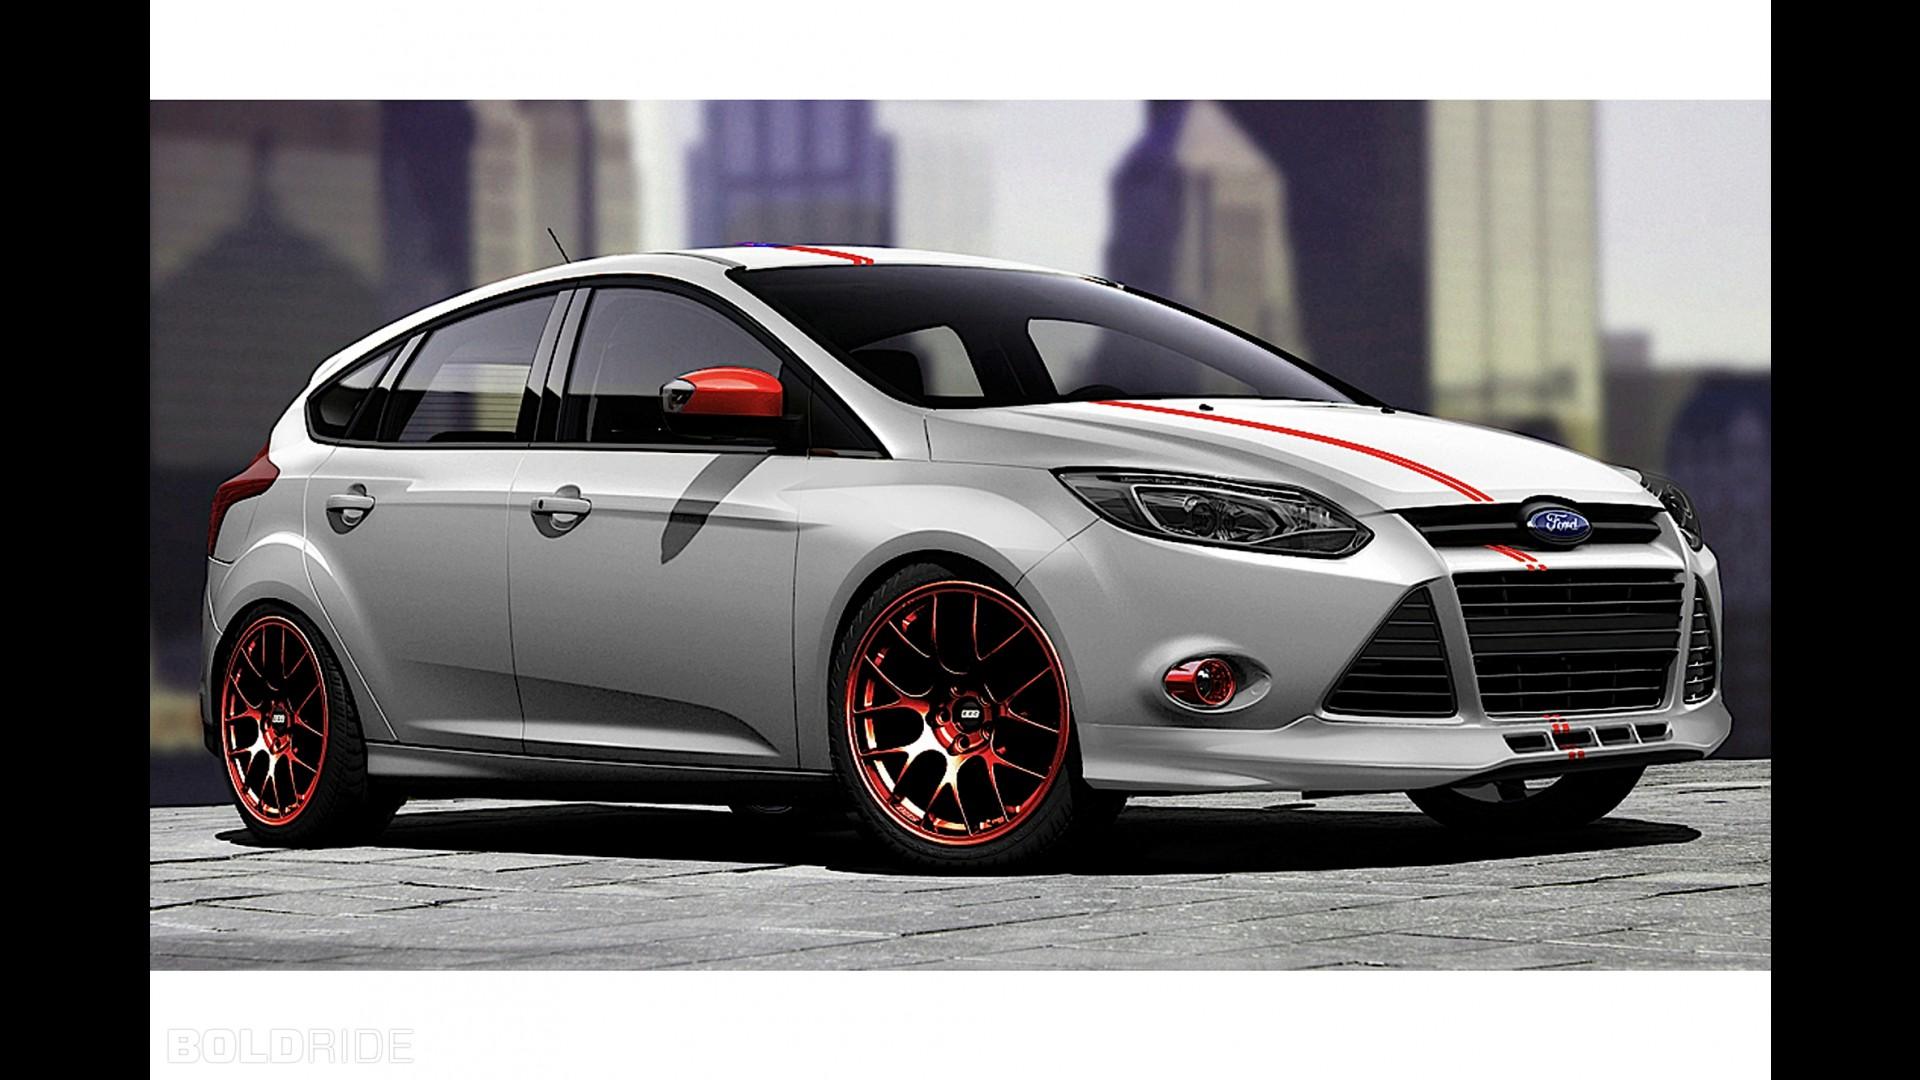 Ford Focus SEMA